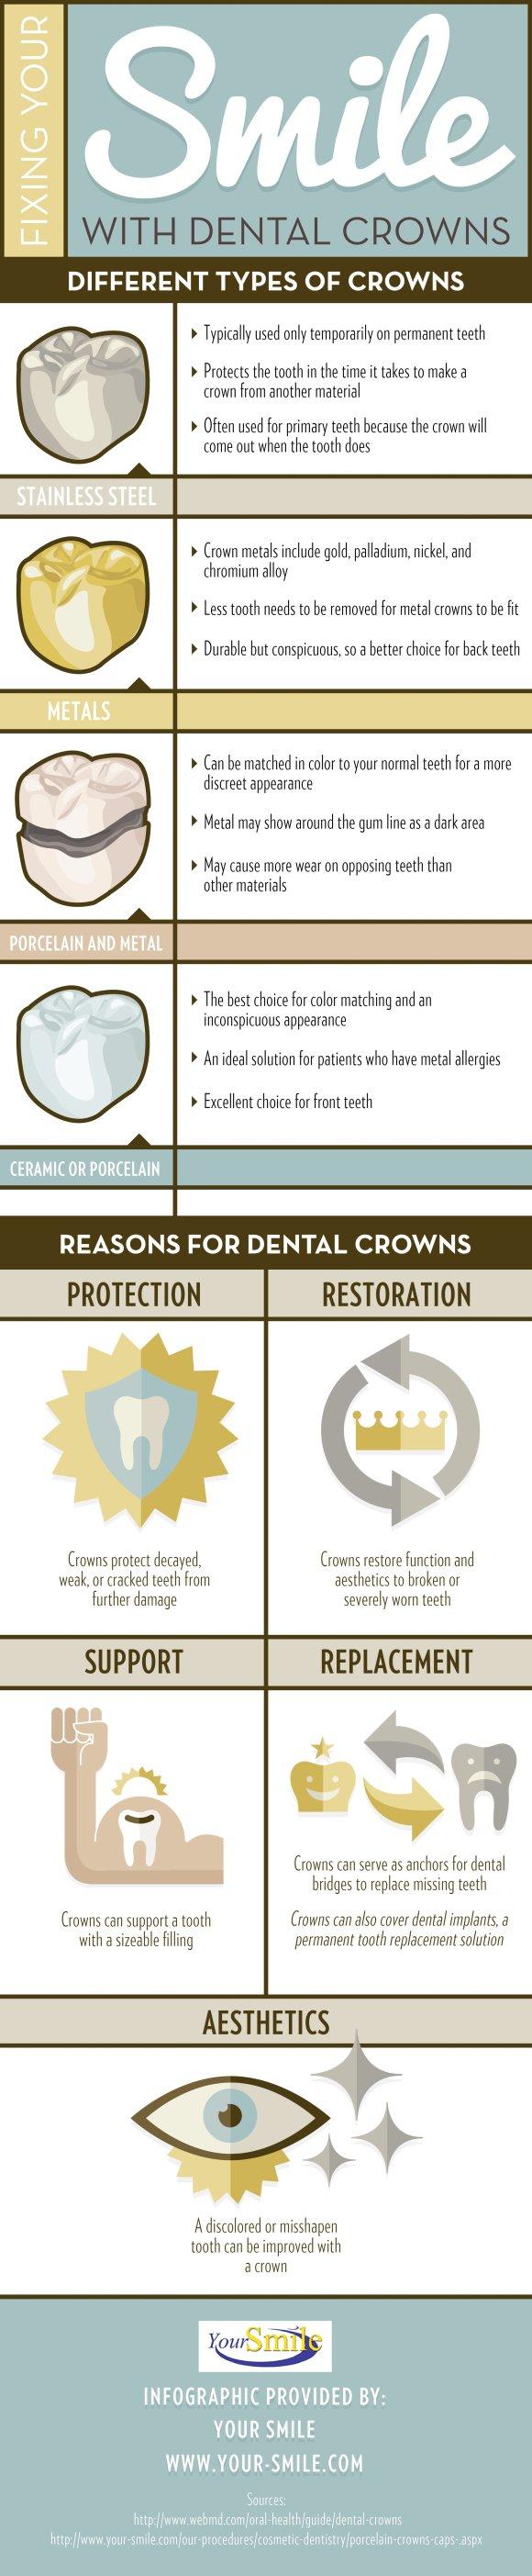 Dental Crowns near Bel Air